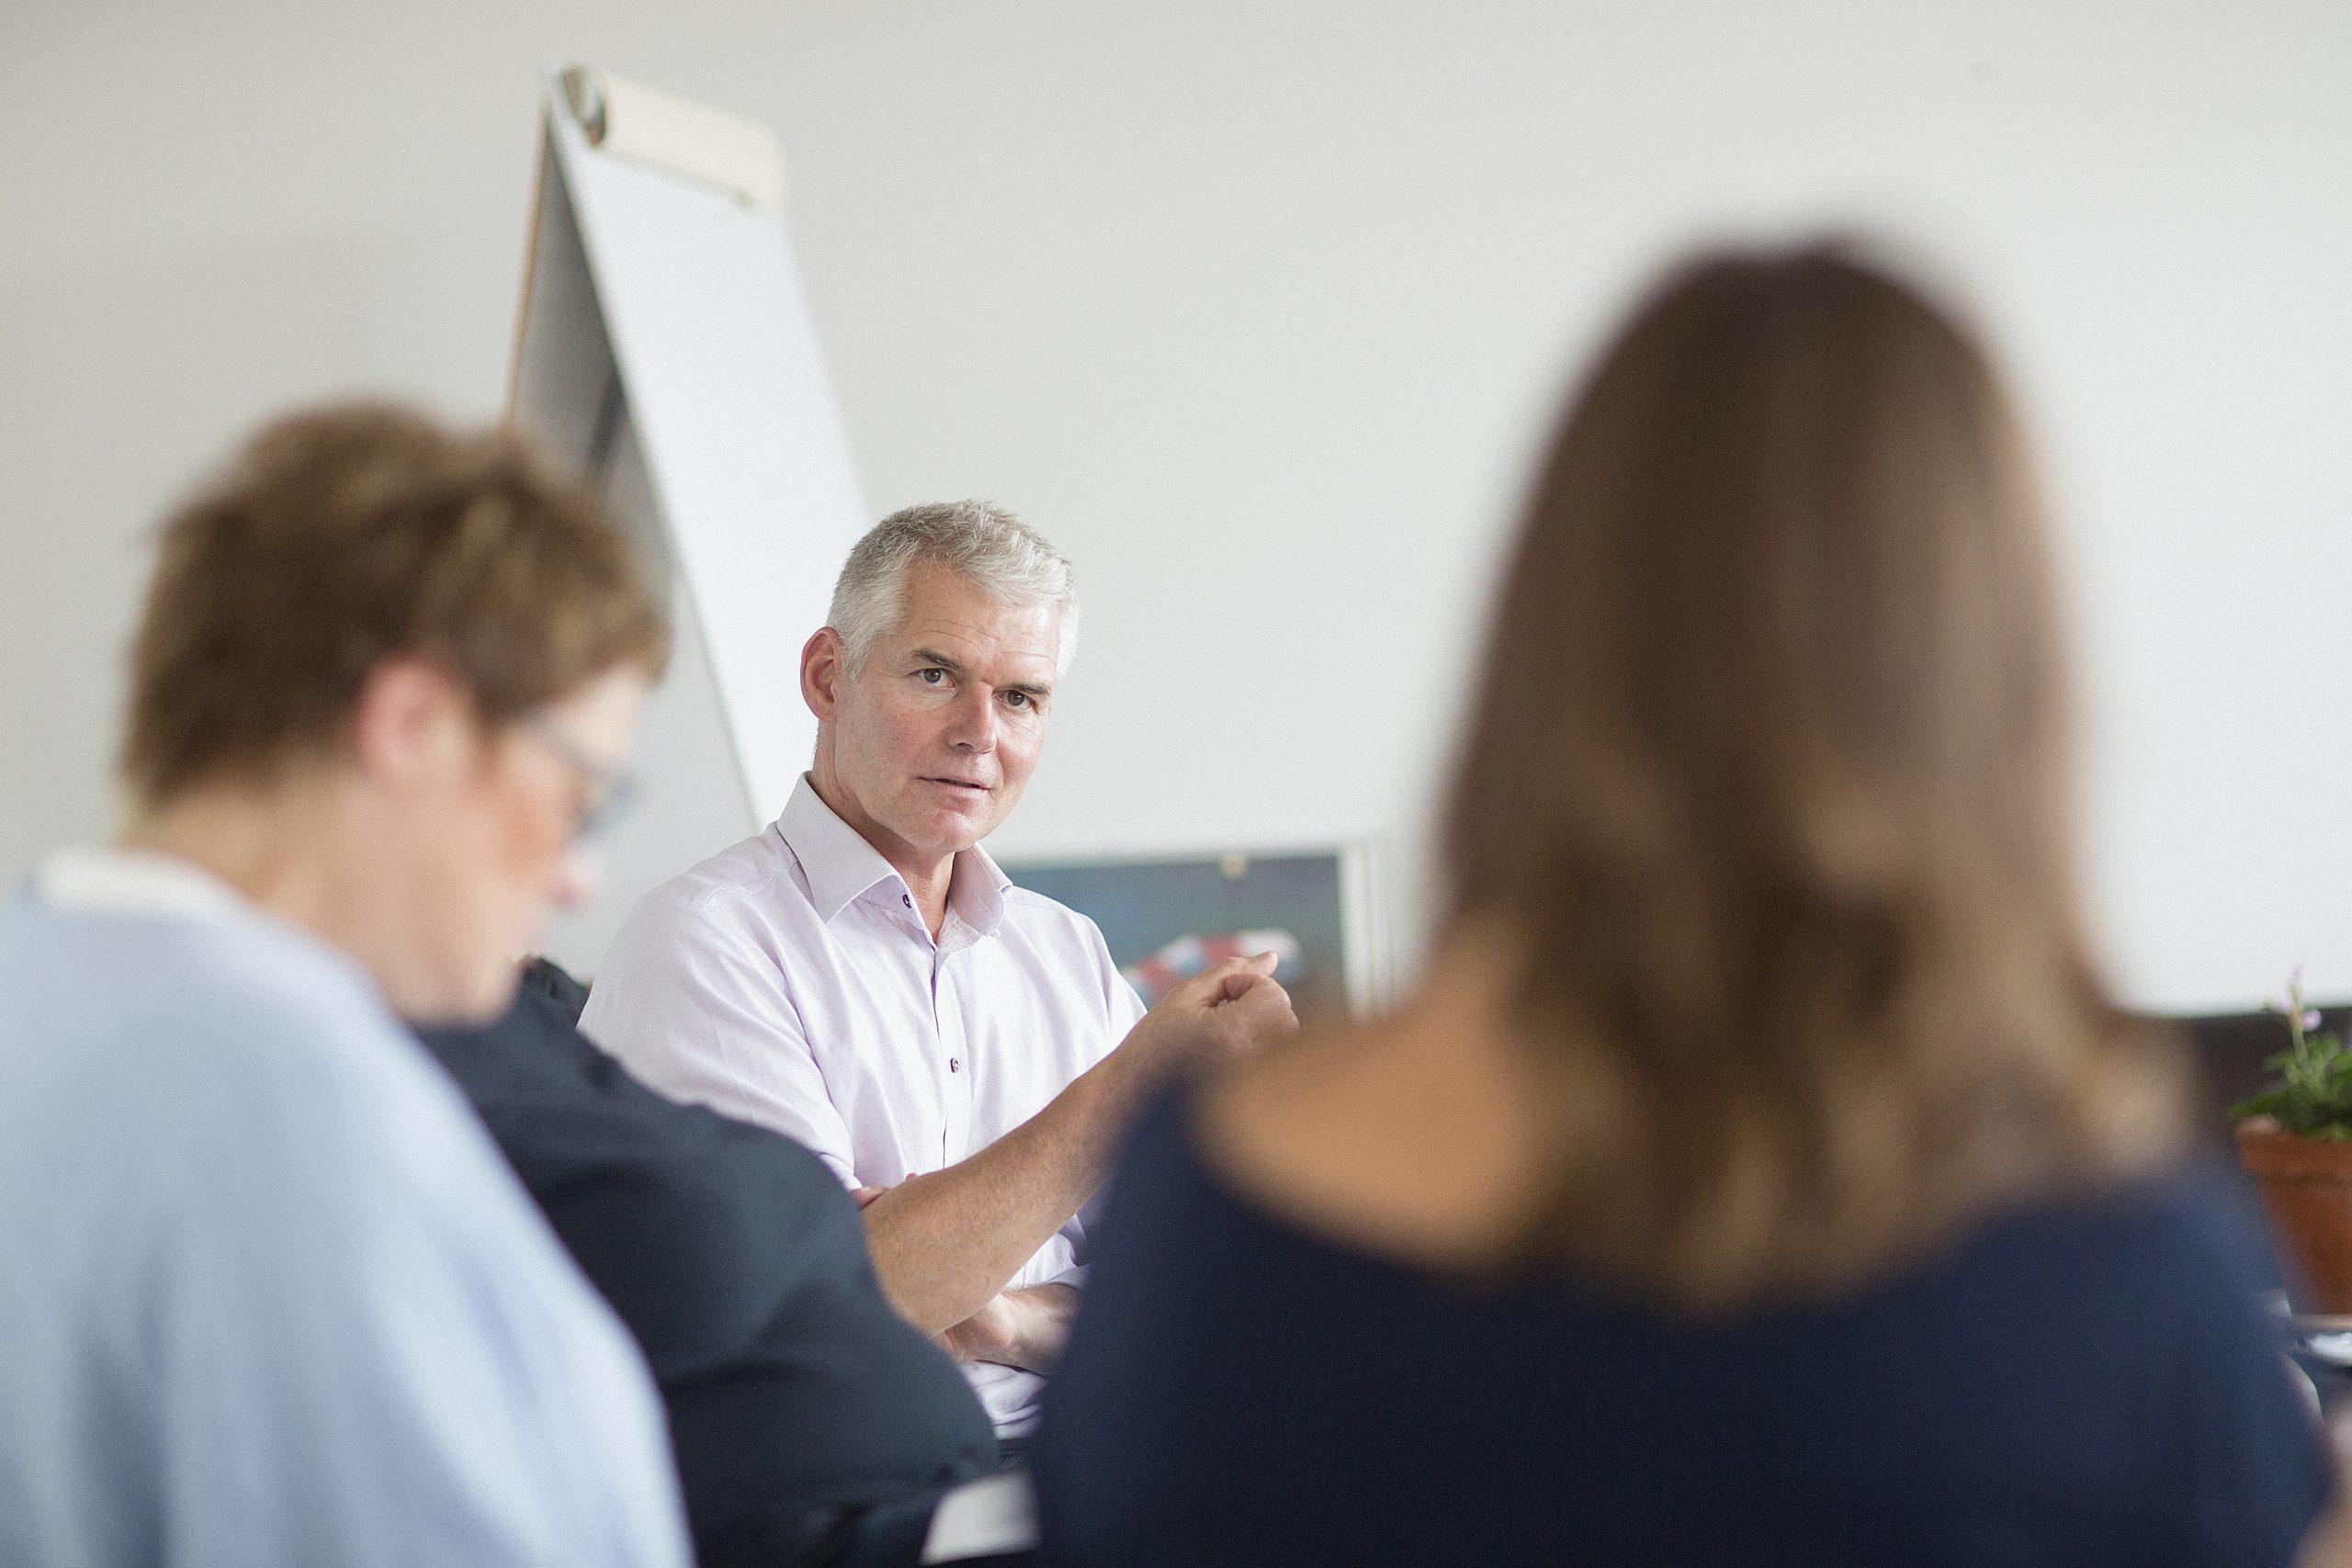 Lyt og spørg godt – og bliv guld værd for din virksomhed